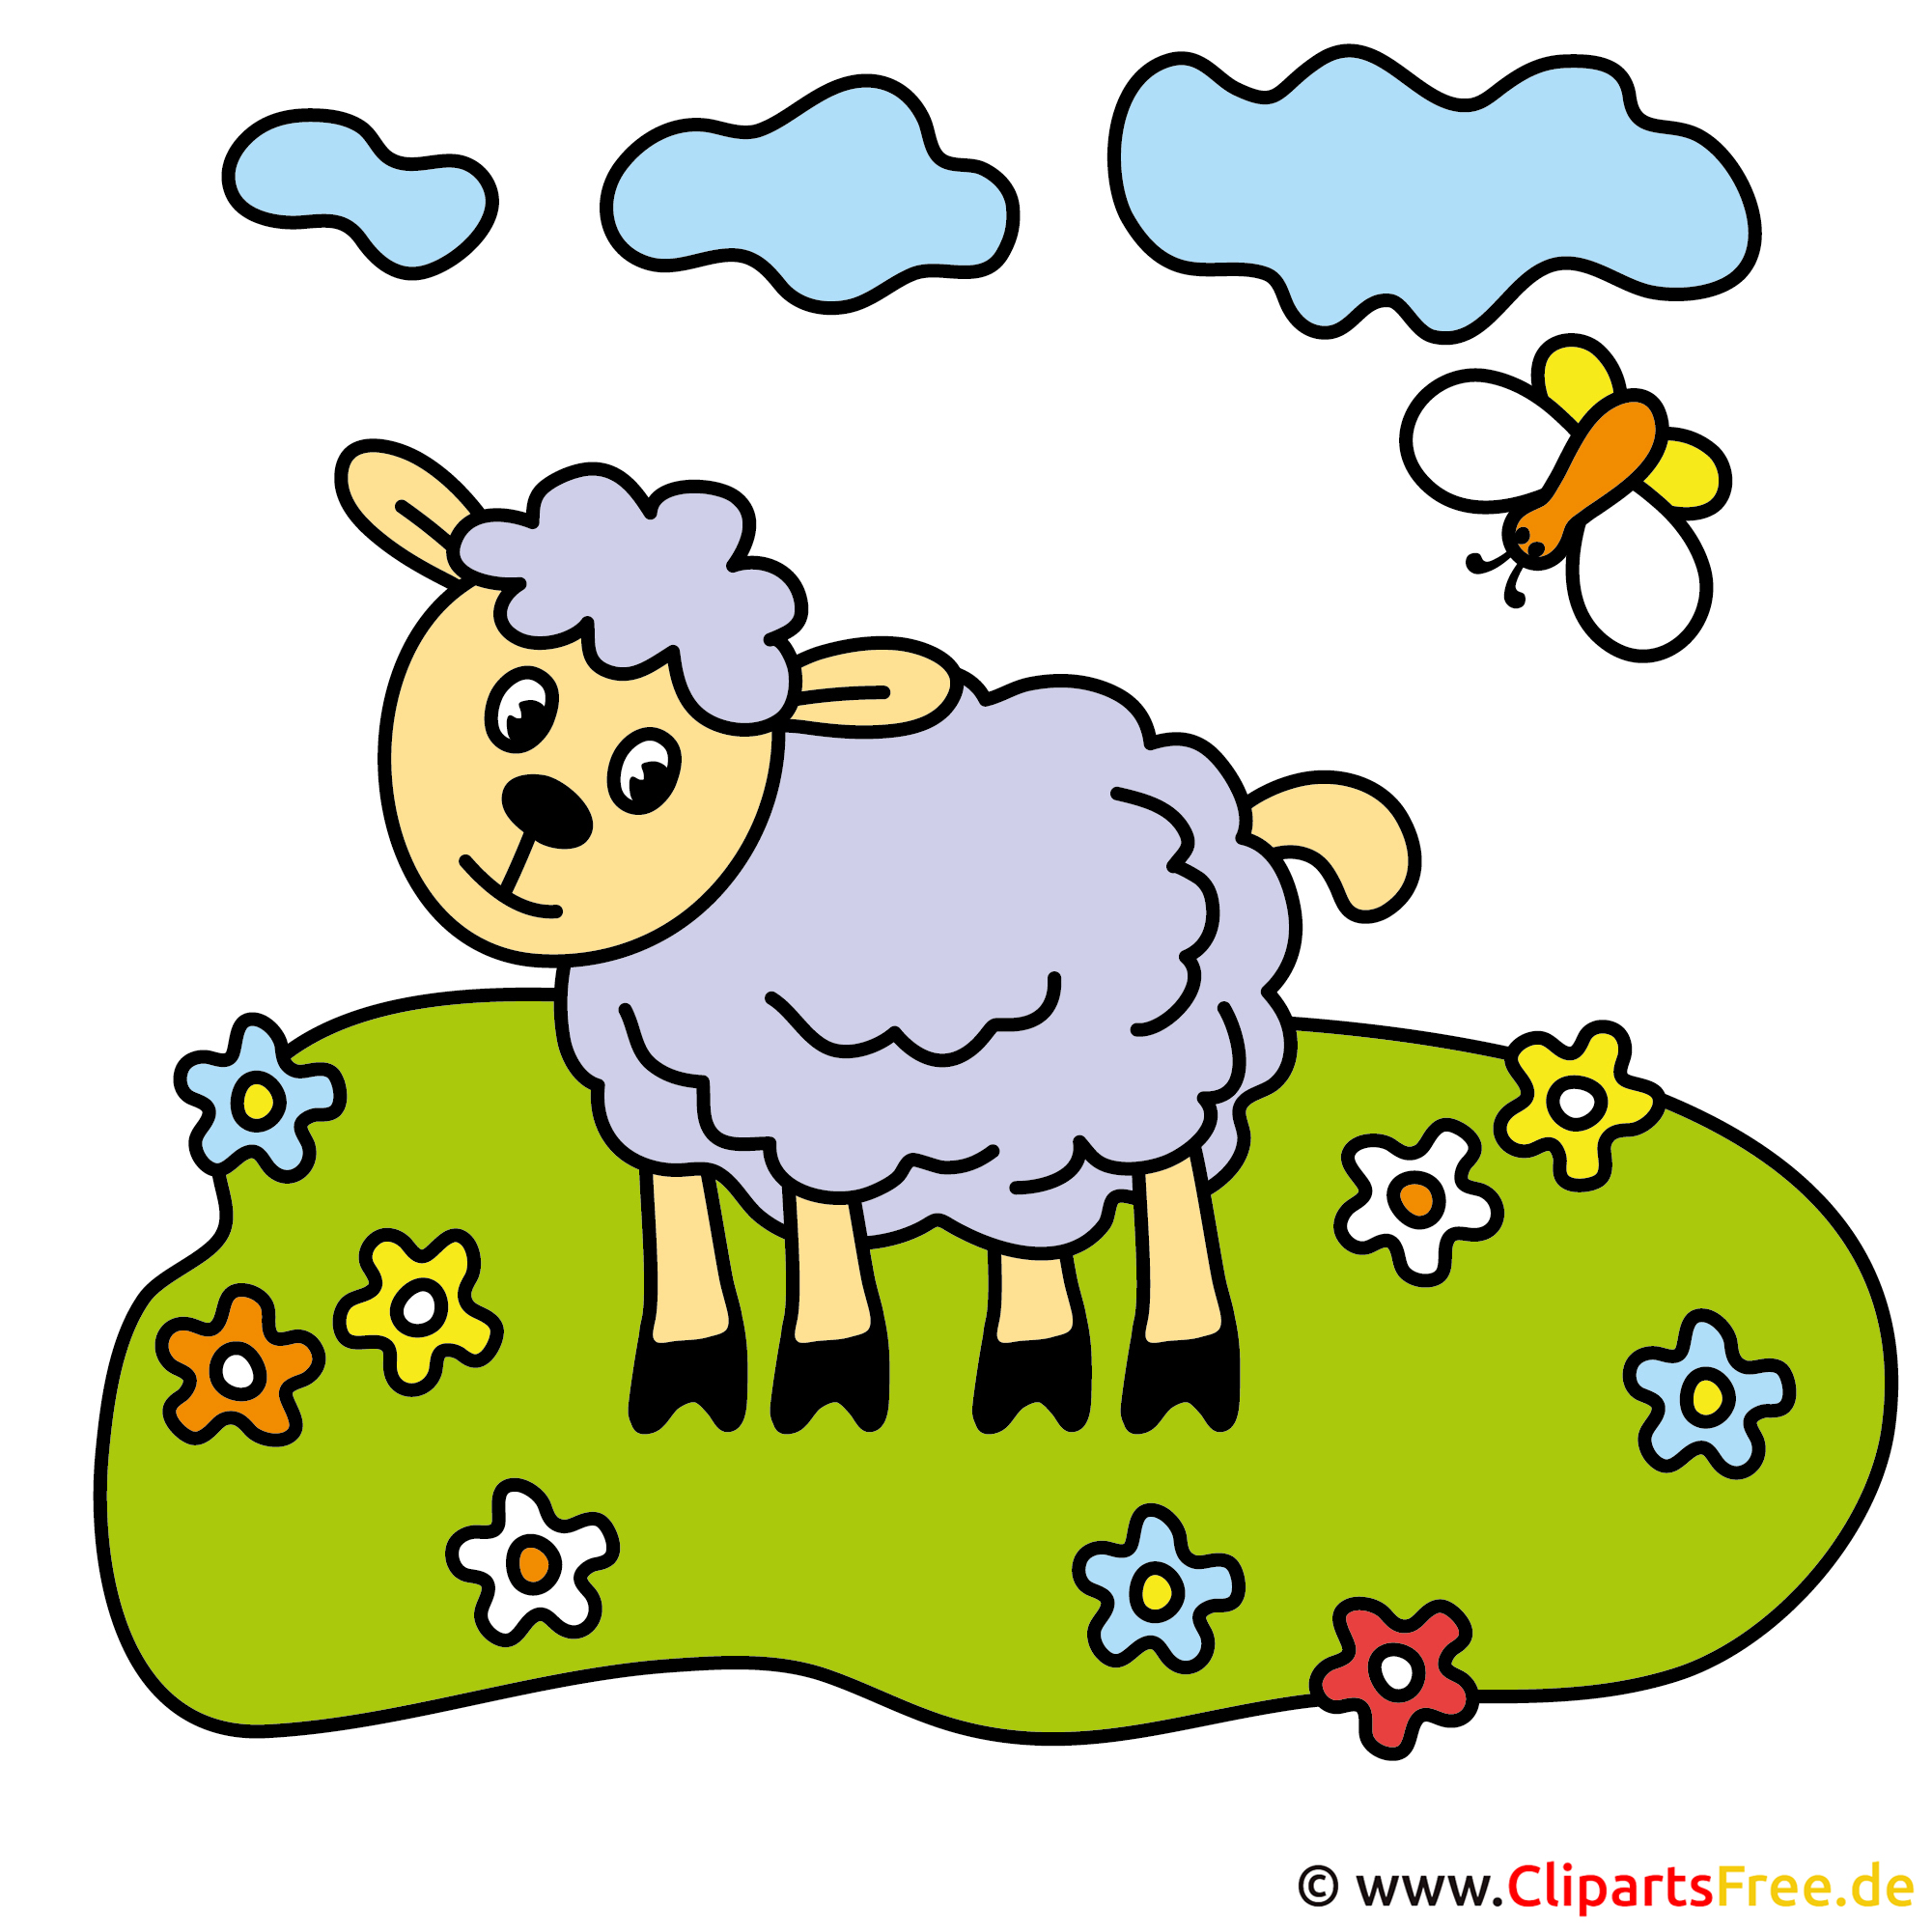 Schaf auf der Wiese Cartoon Bild kostenlos